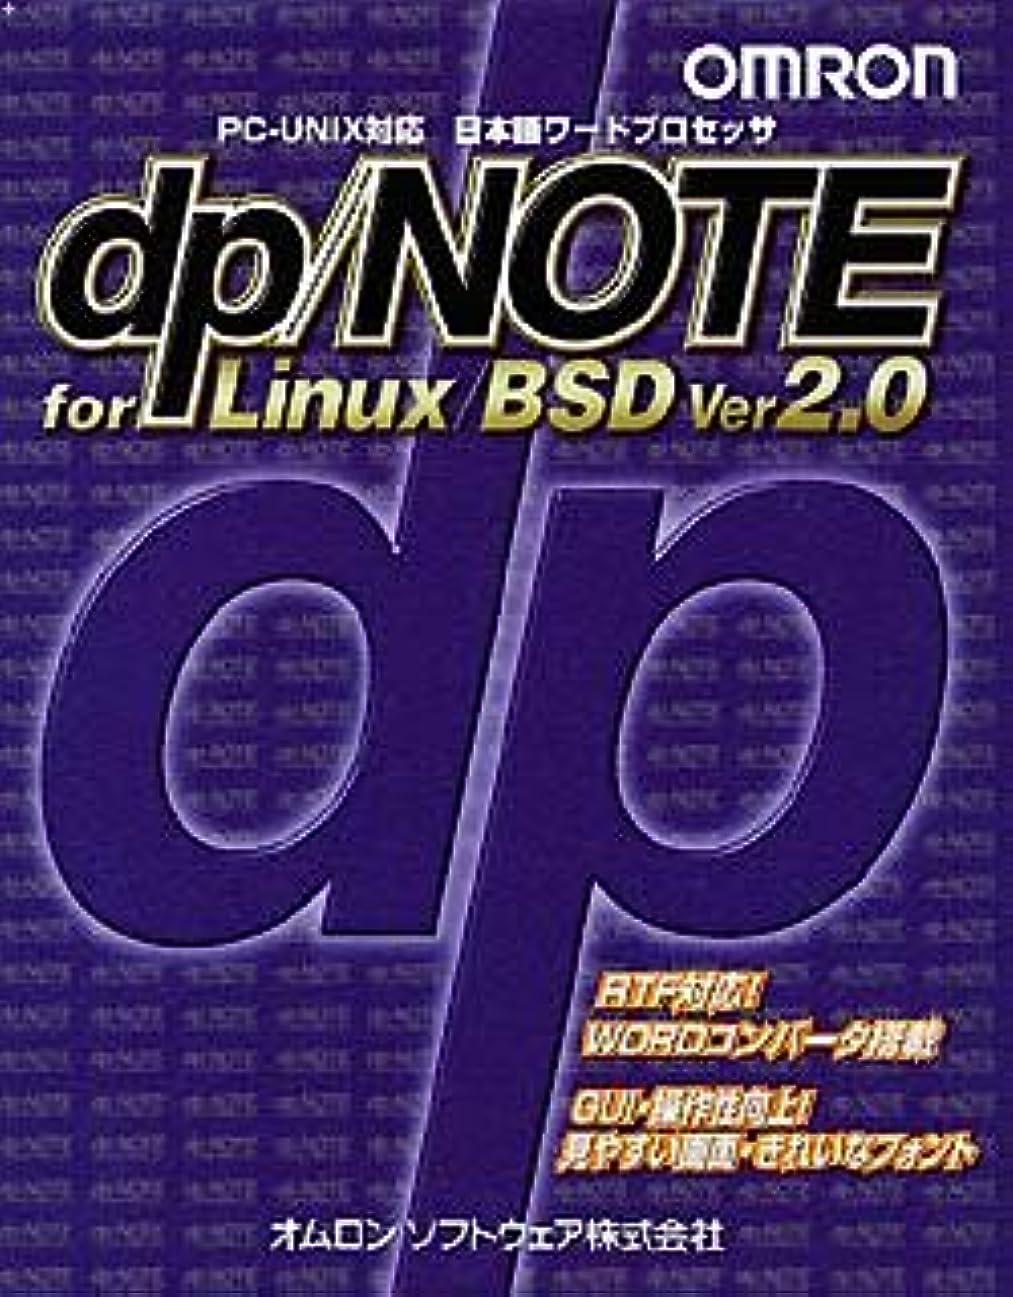 フィード代数座標dp/NOTE For Linux/BSD Ver.2.0